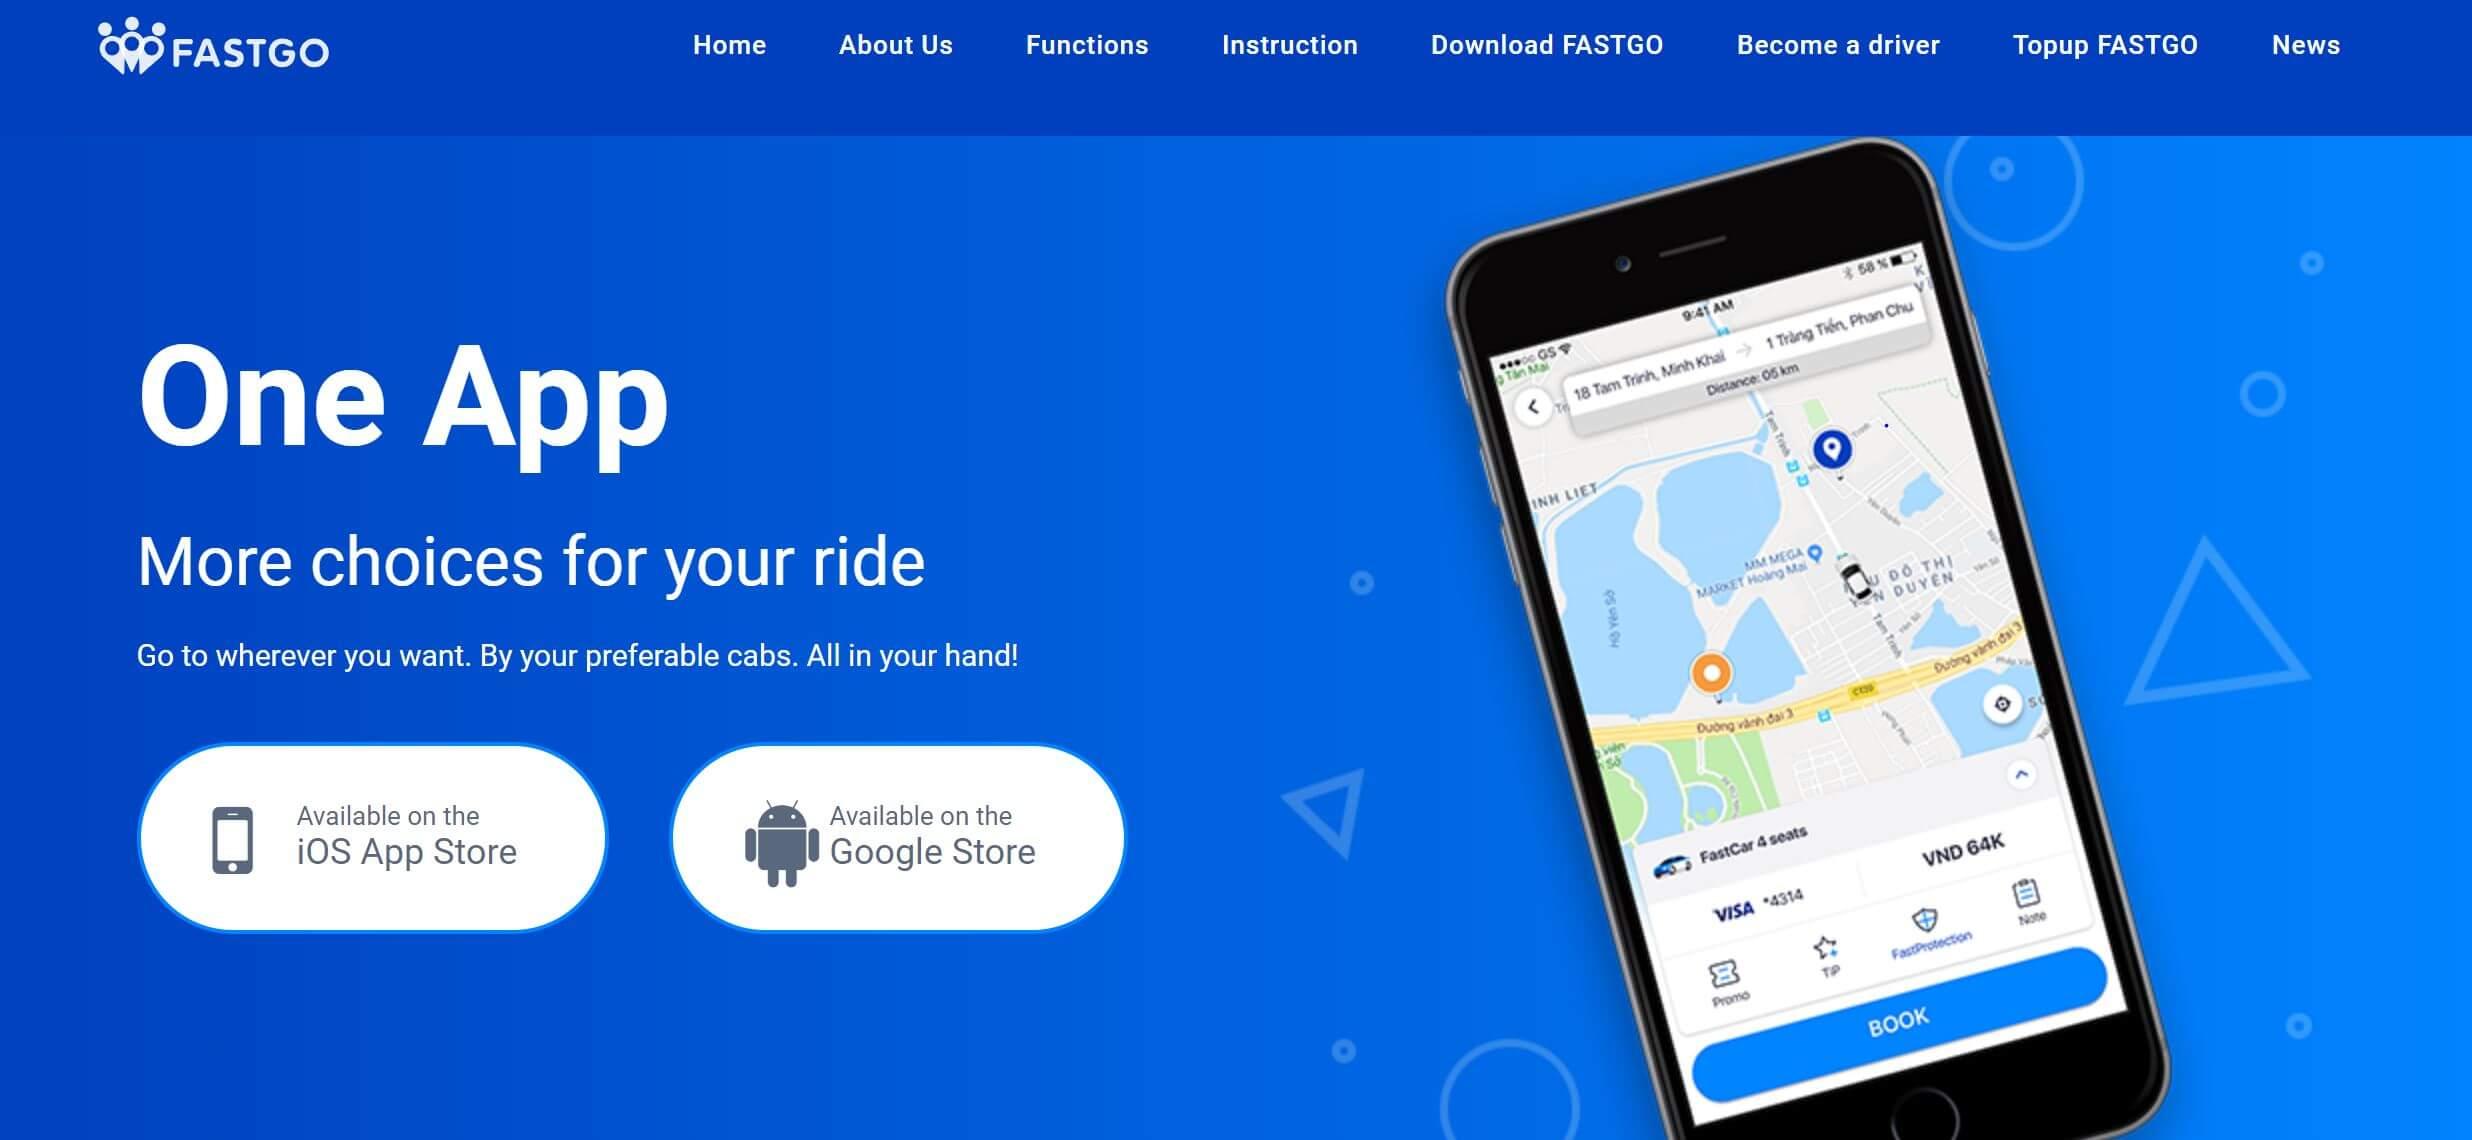 相乗りアプリのファストゴー、シンガポール進出へ